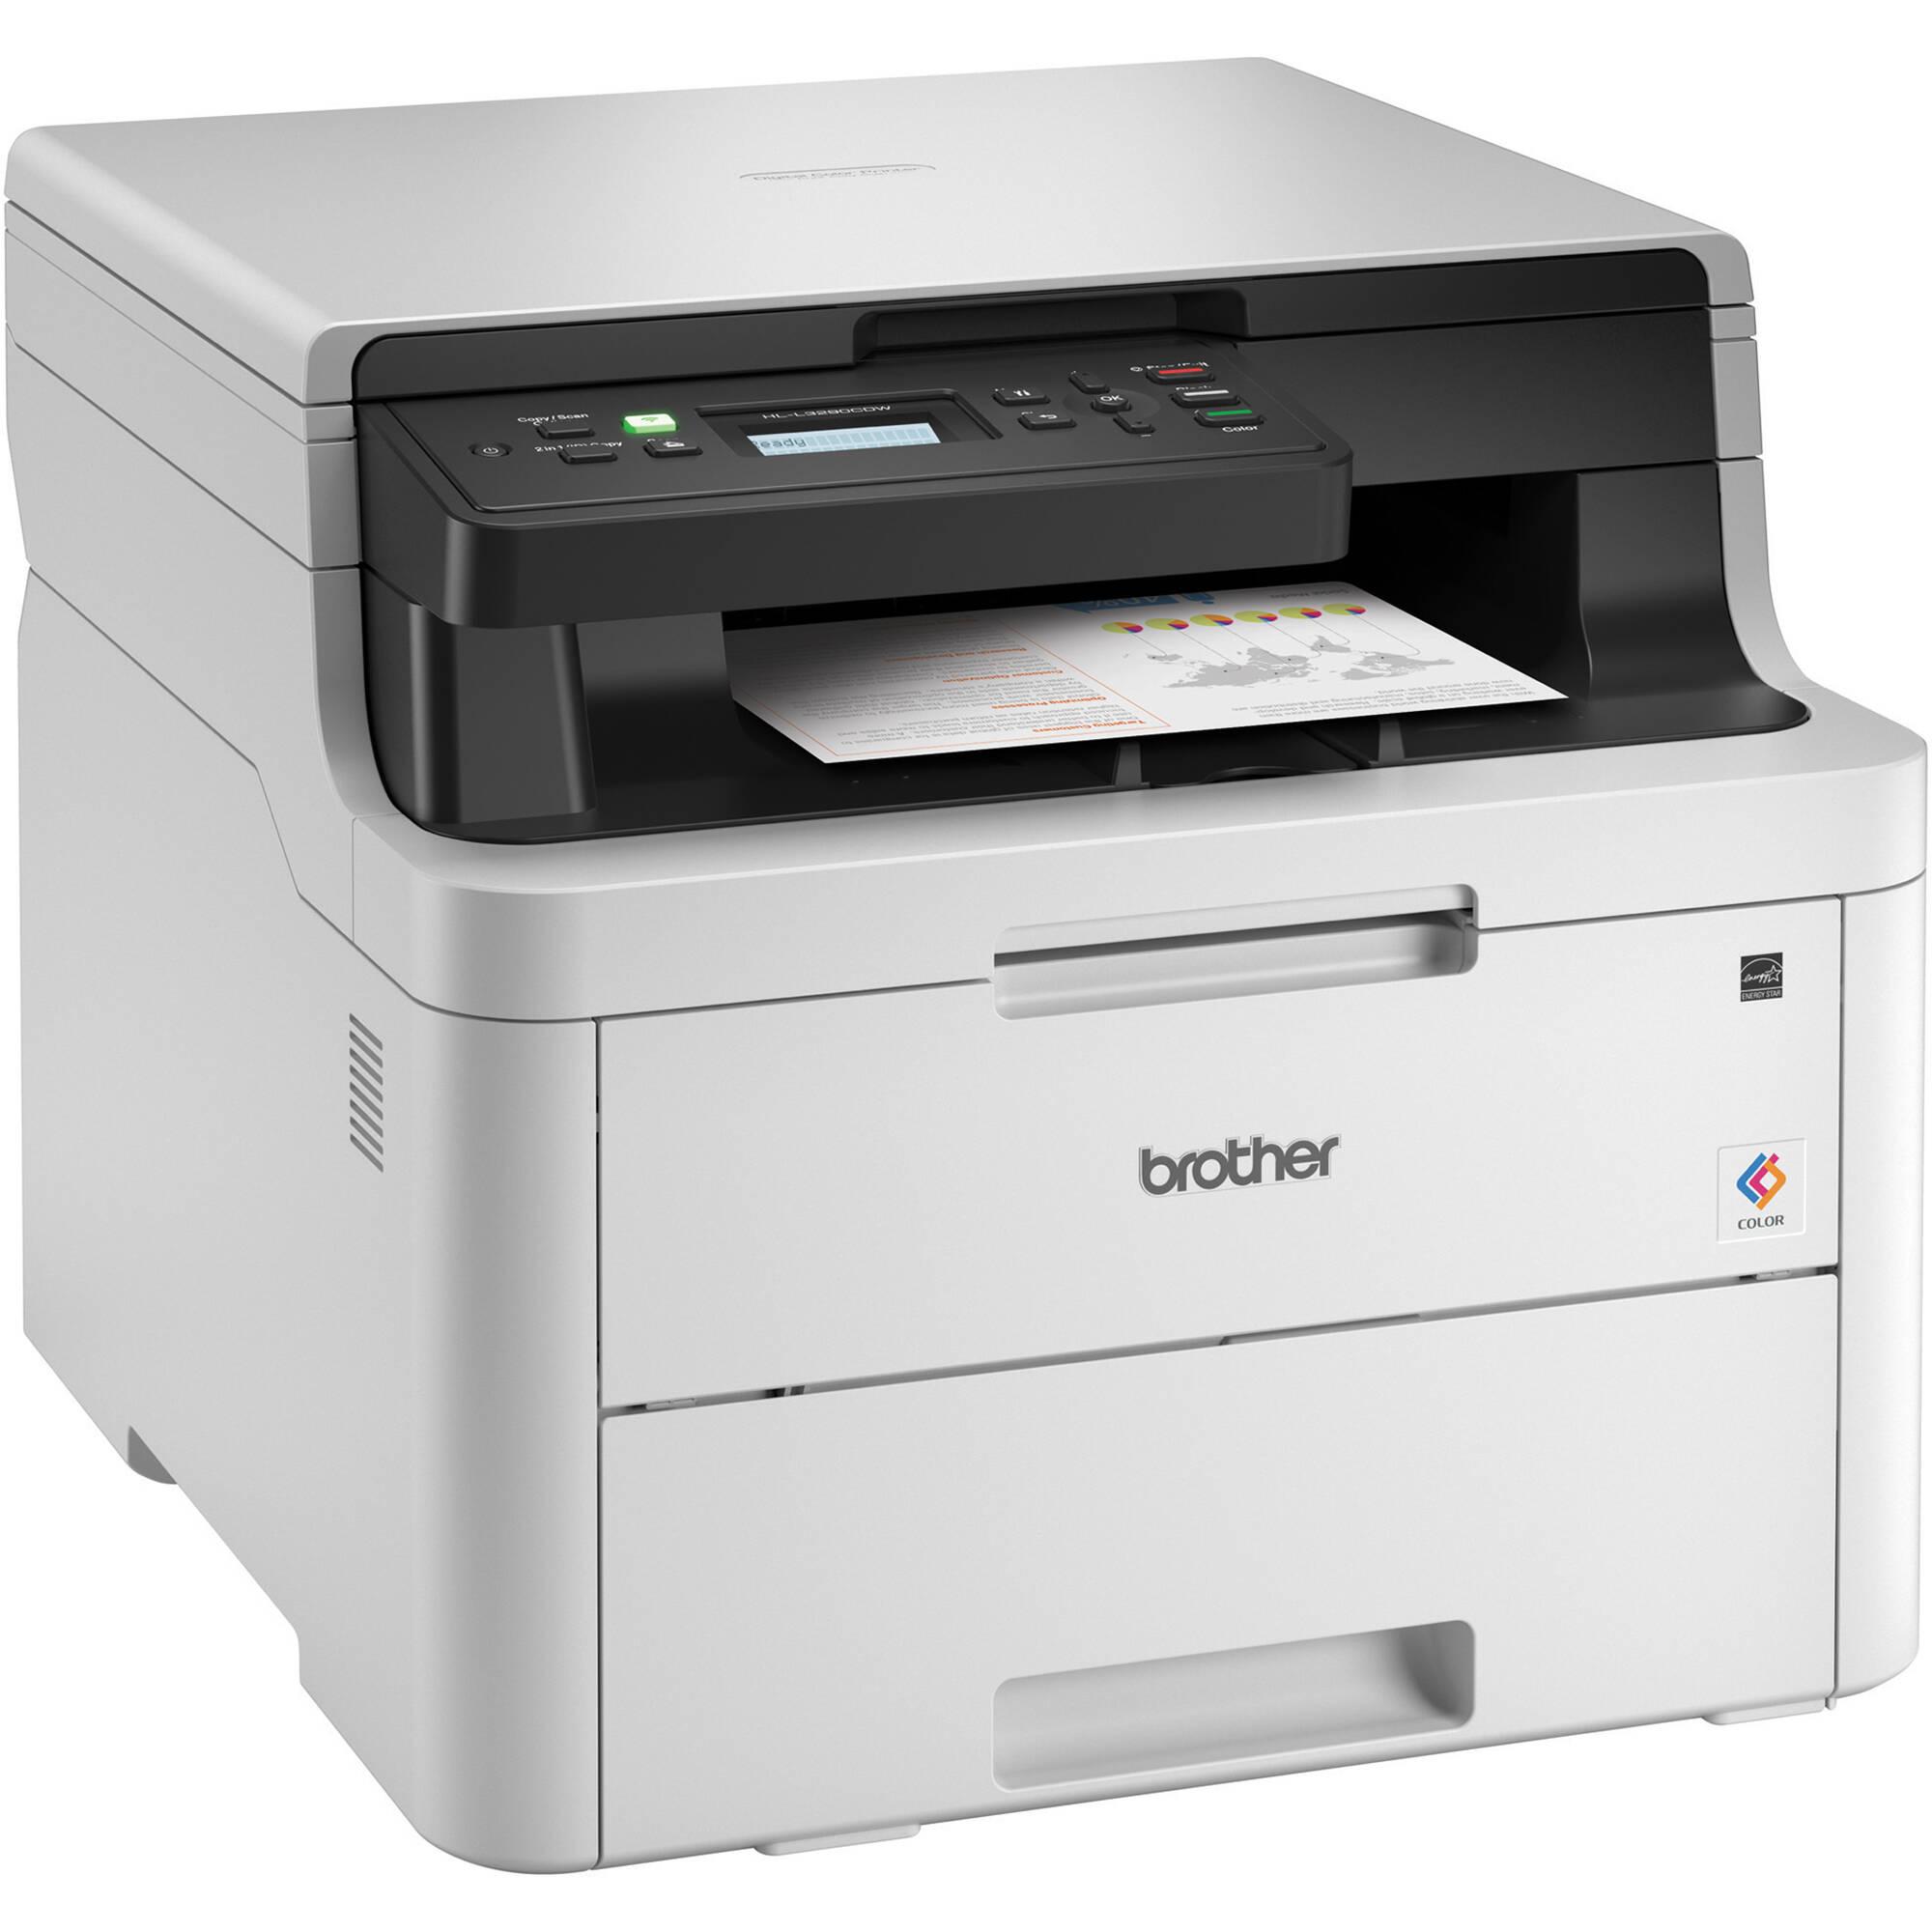 Brother HL-L3290CDW Digital Colour Laser Printer